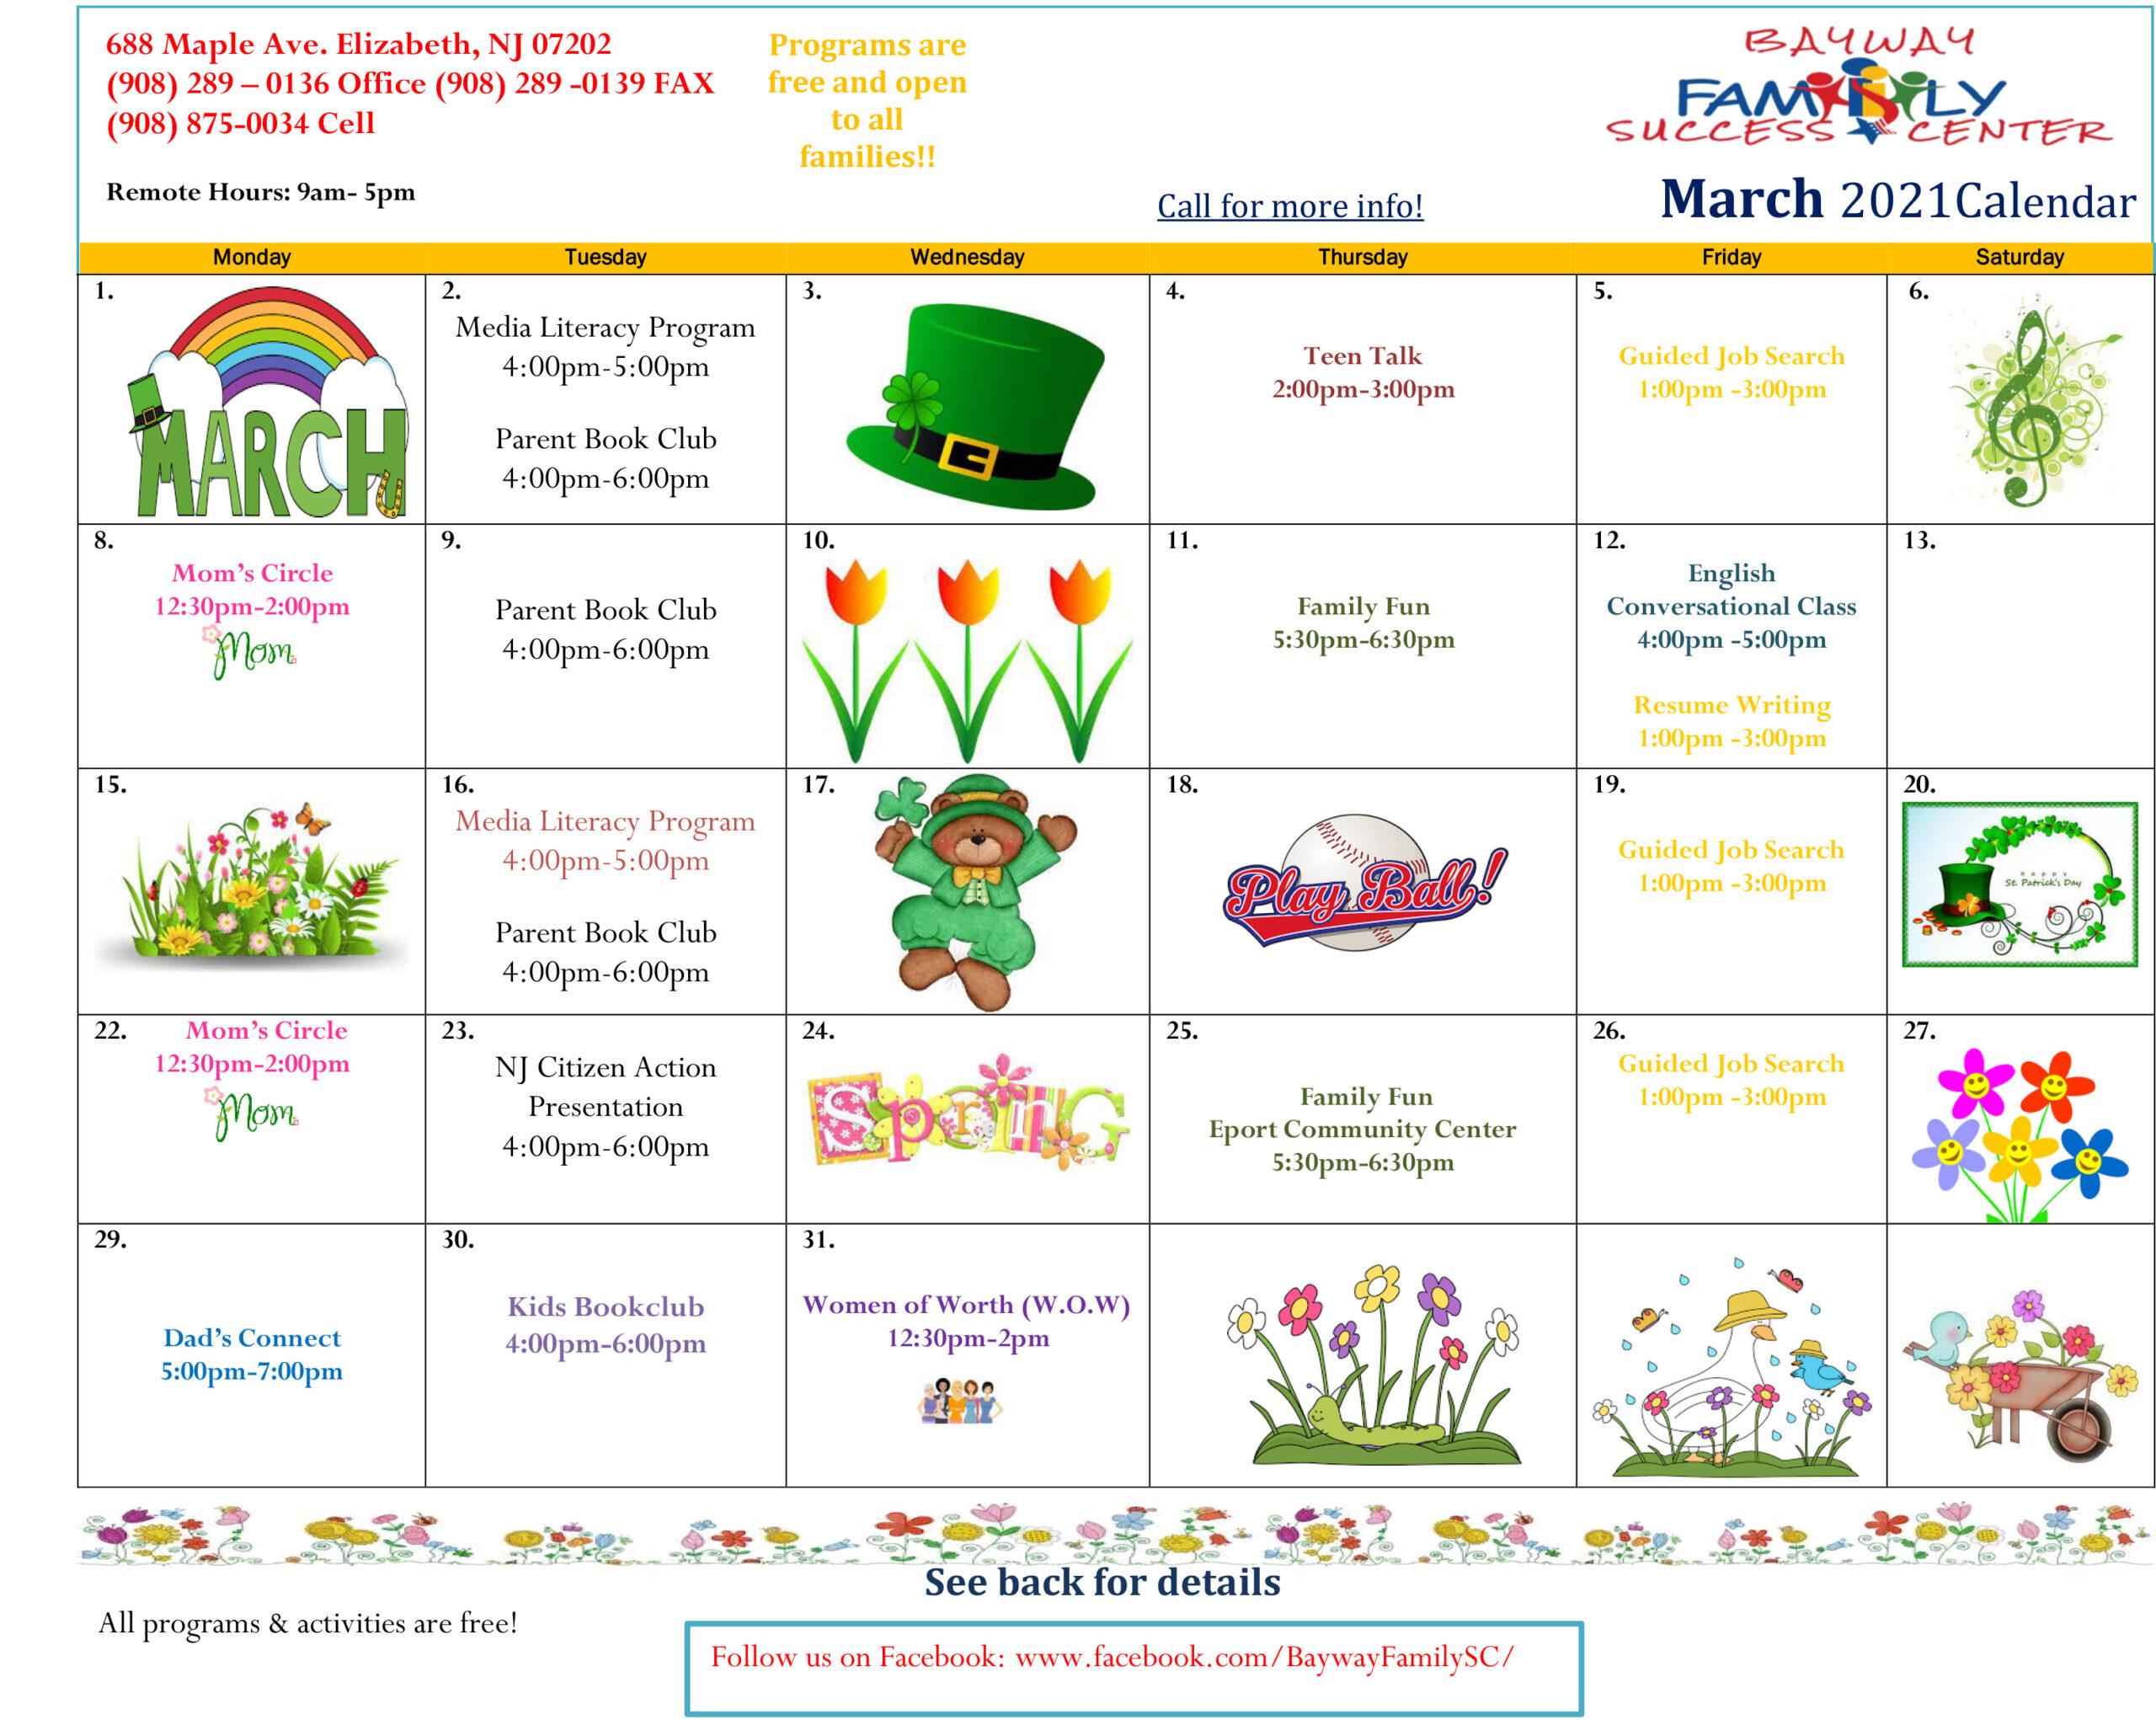 Bayway FSC March 2021 Calendar 1